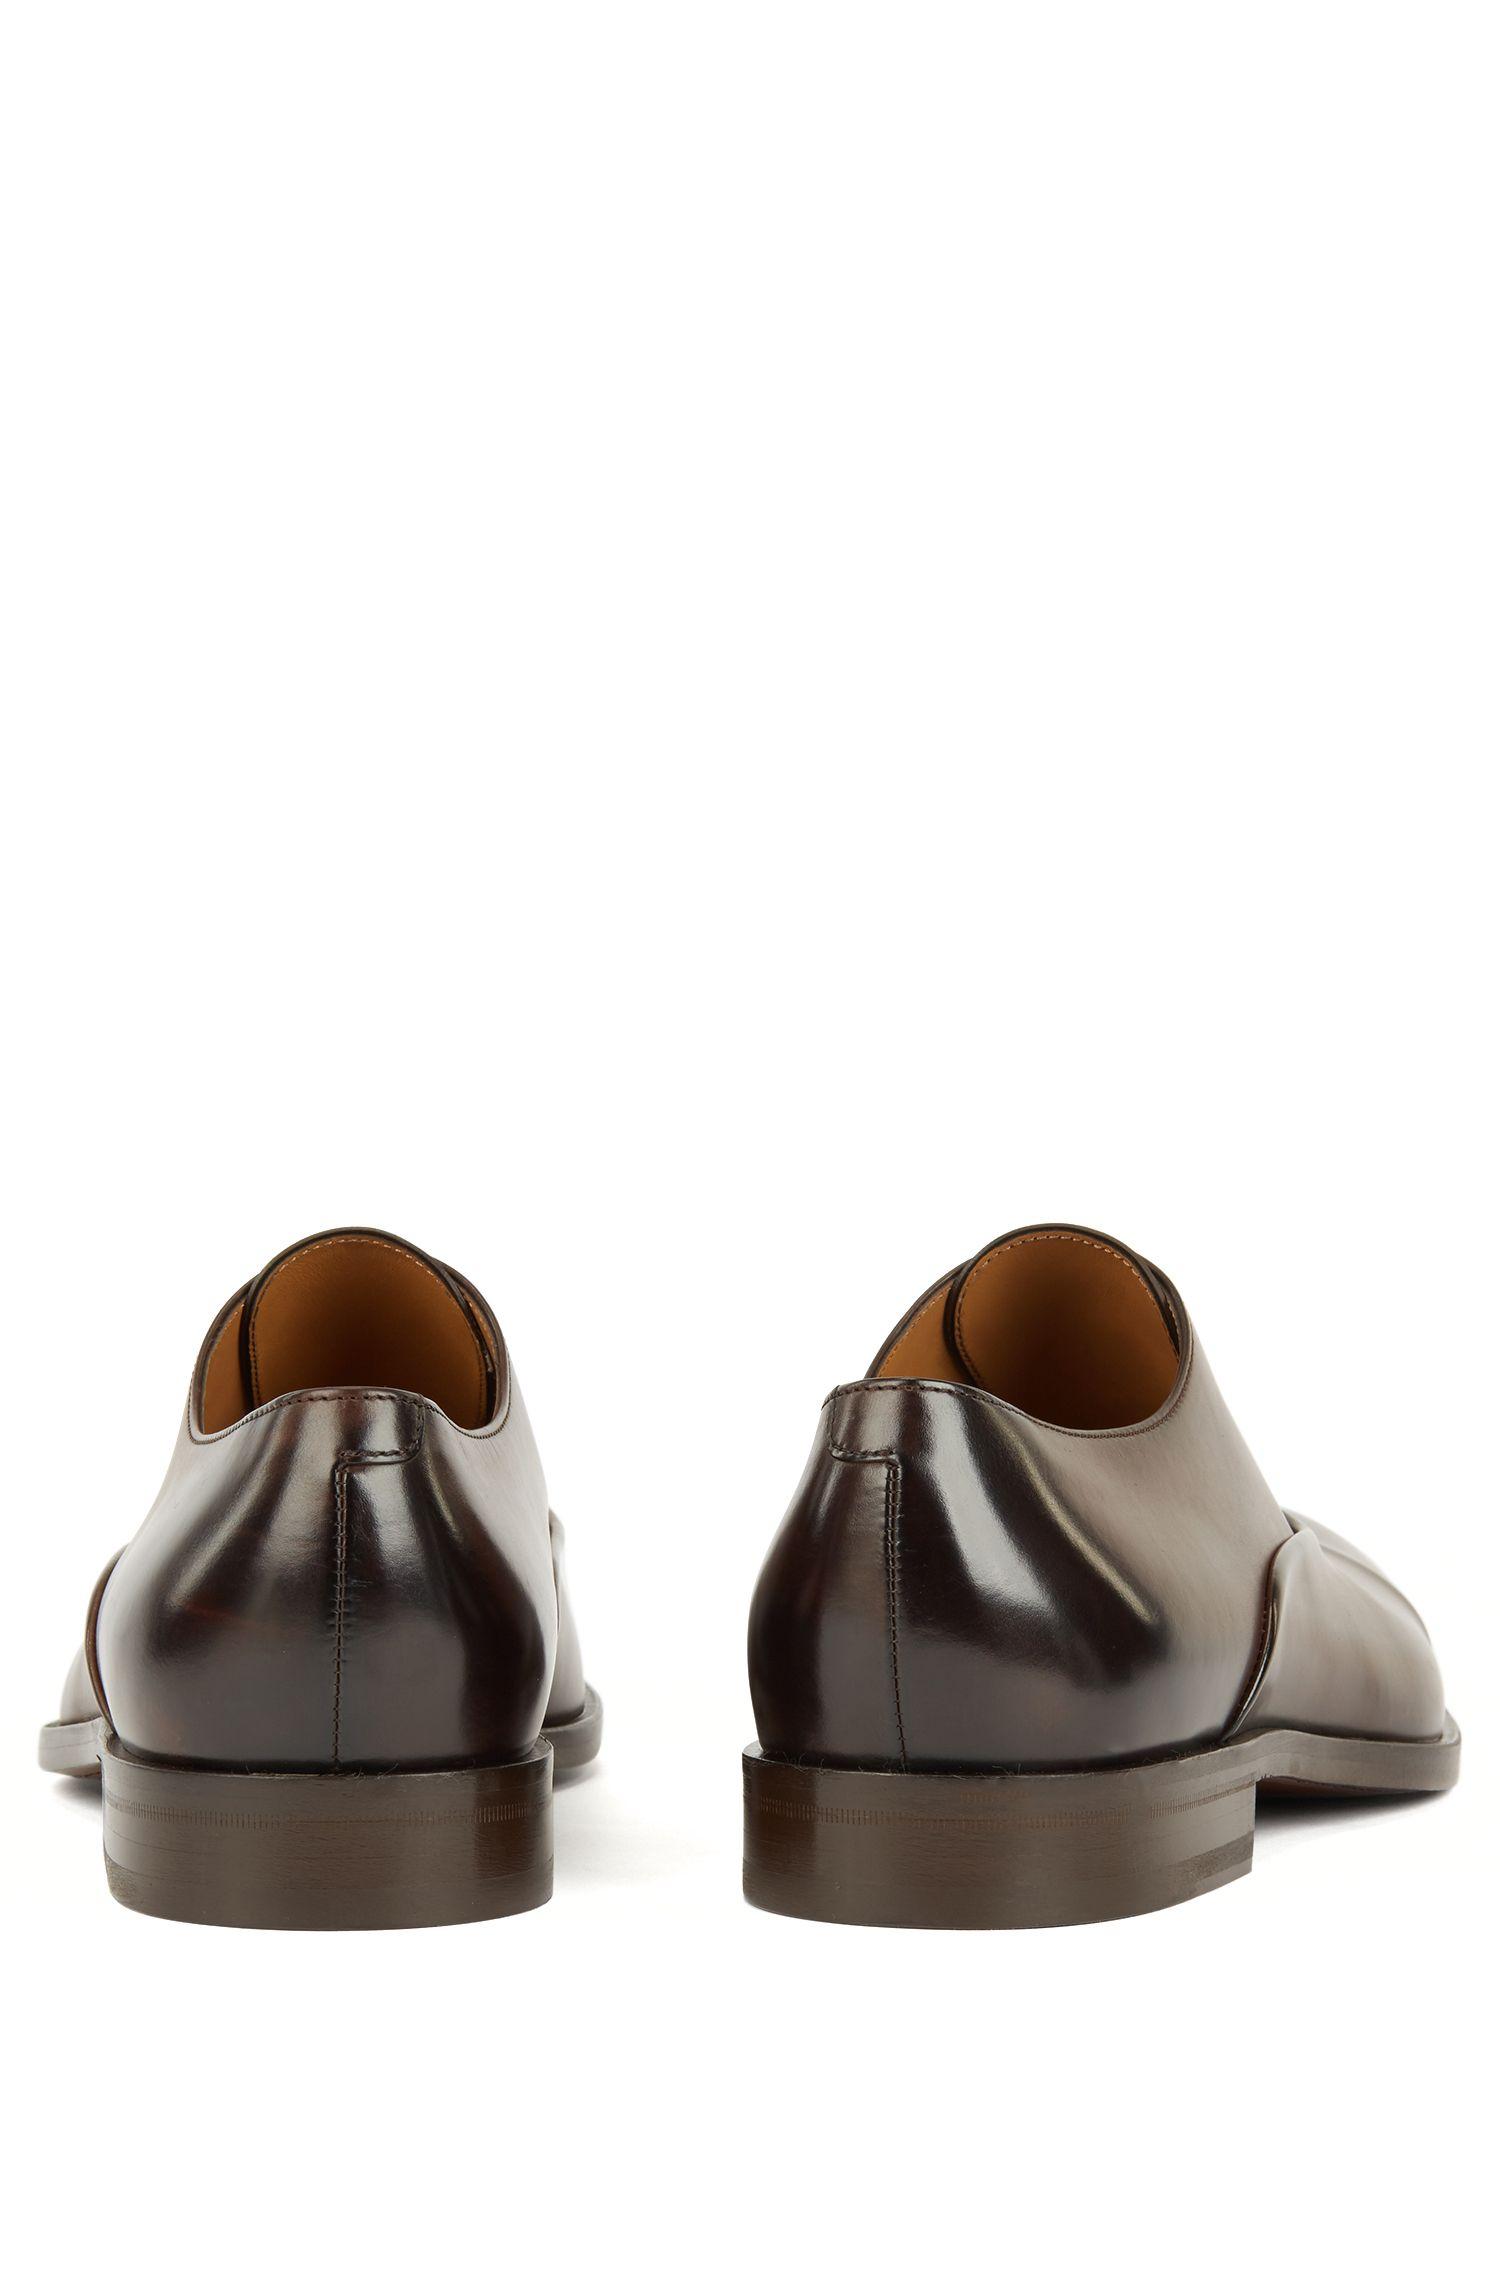 Hugo Boss - Zapatos Oxford elaborados en Italia en piel de becerro de curtido vegetal - 6